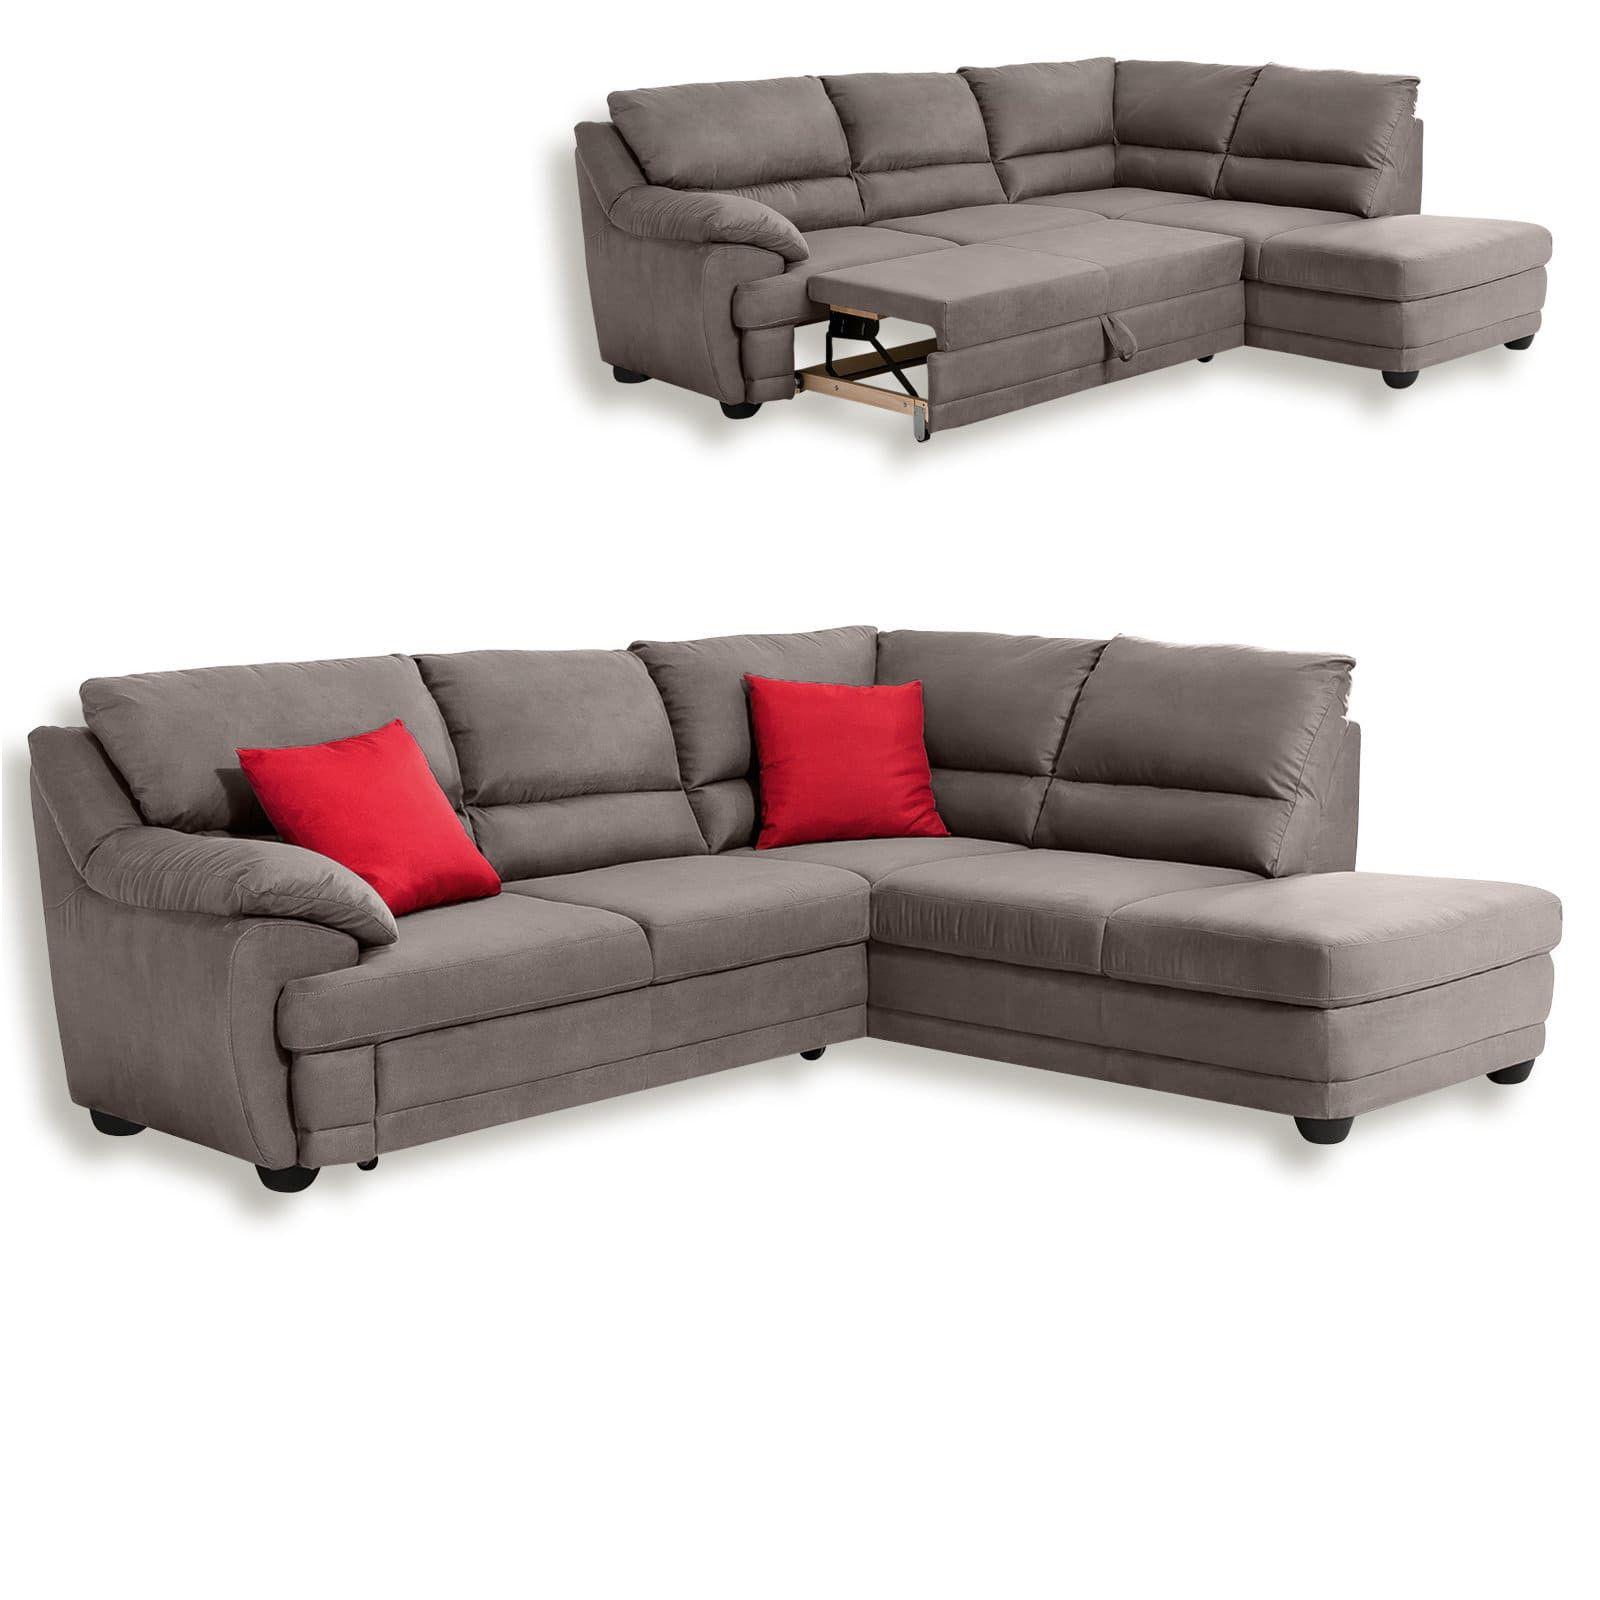 Sessel Mit Relaxfunktion Gunstige Sofas Couches Kaufen Jetzt Im